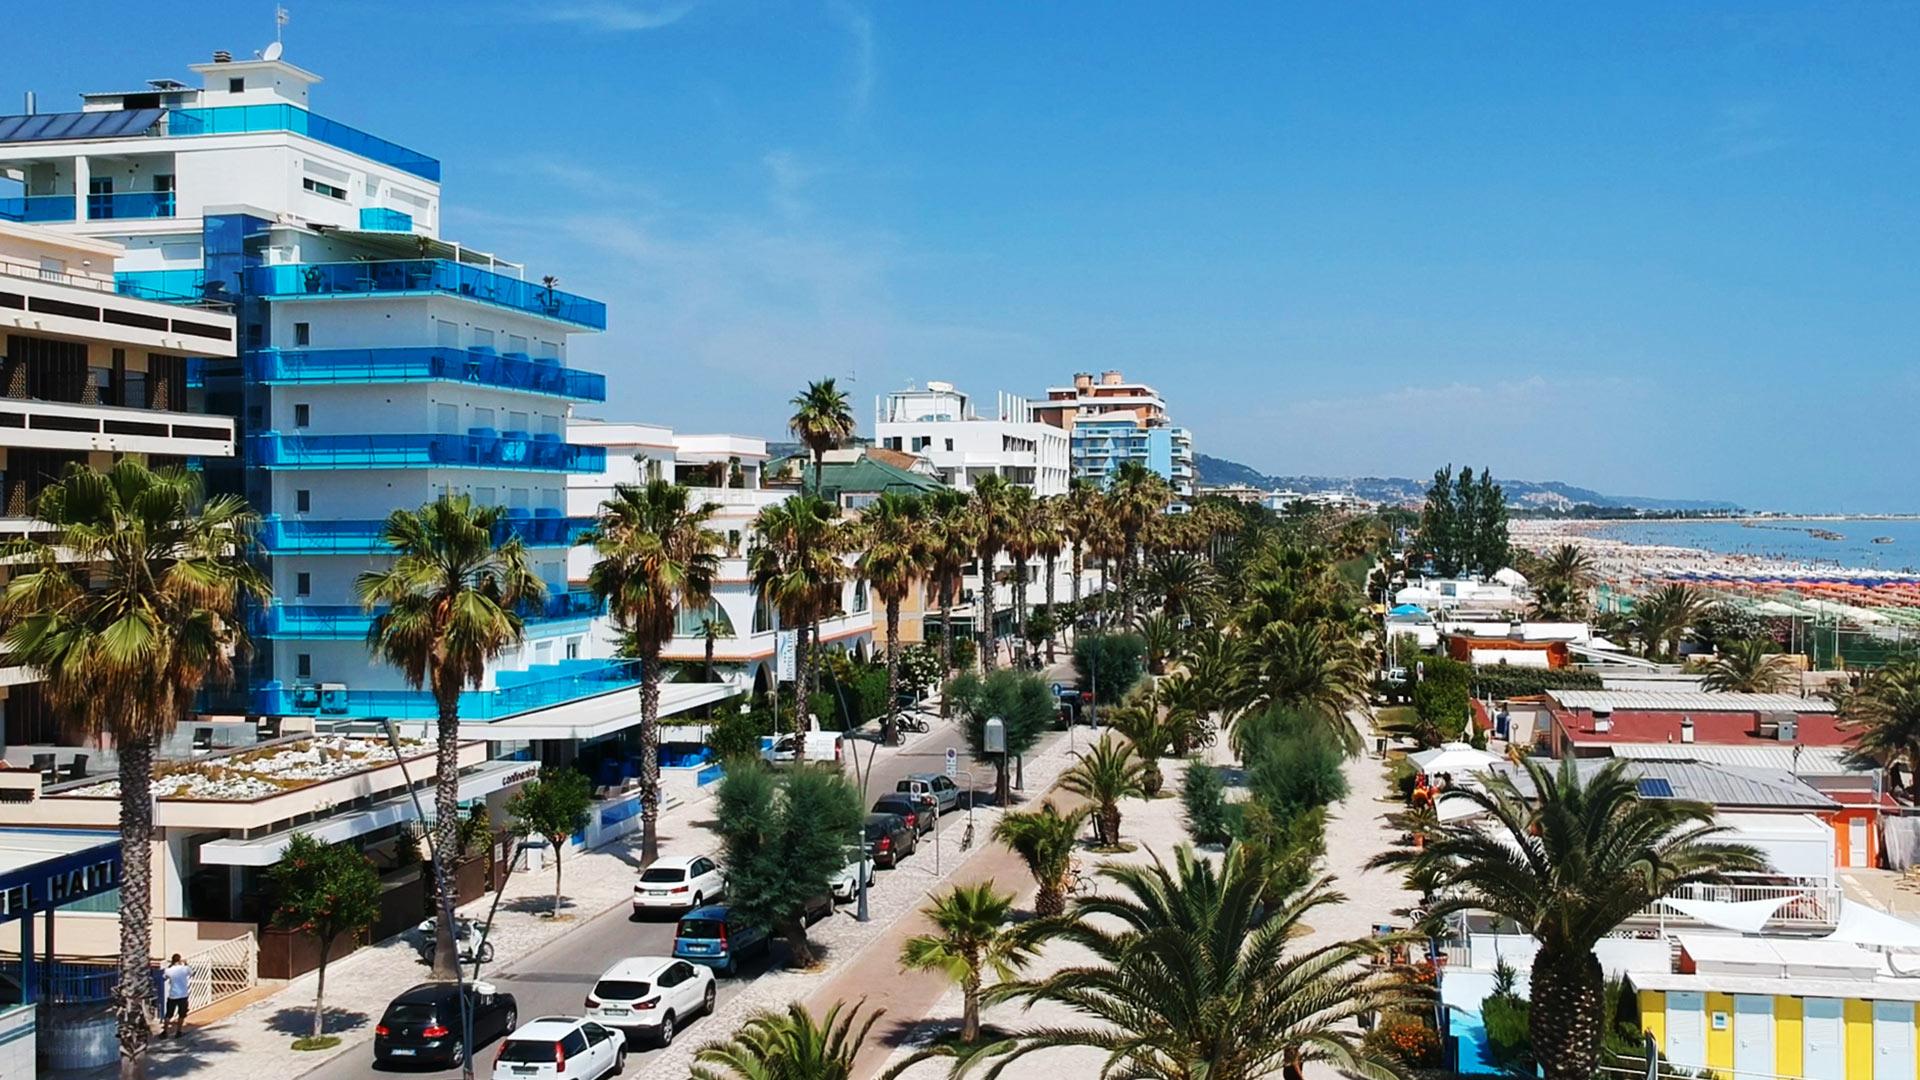 Albergo 3 stelle nella riviera delle palme al mare delle marche hotel altis san benedetto del - Vi metto a tavola san benedetto ...